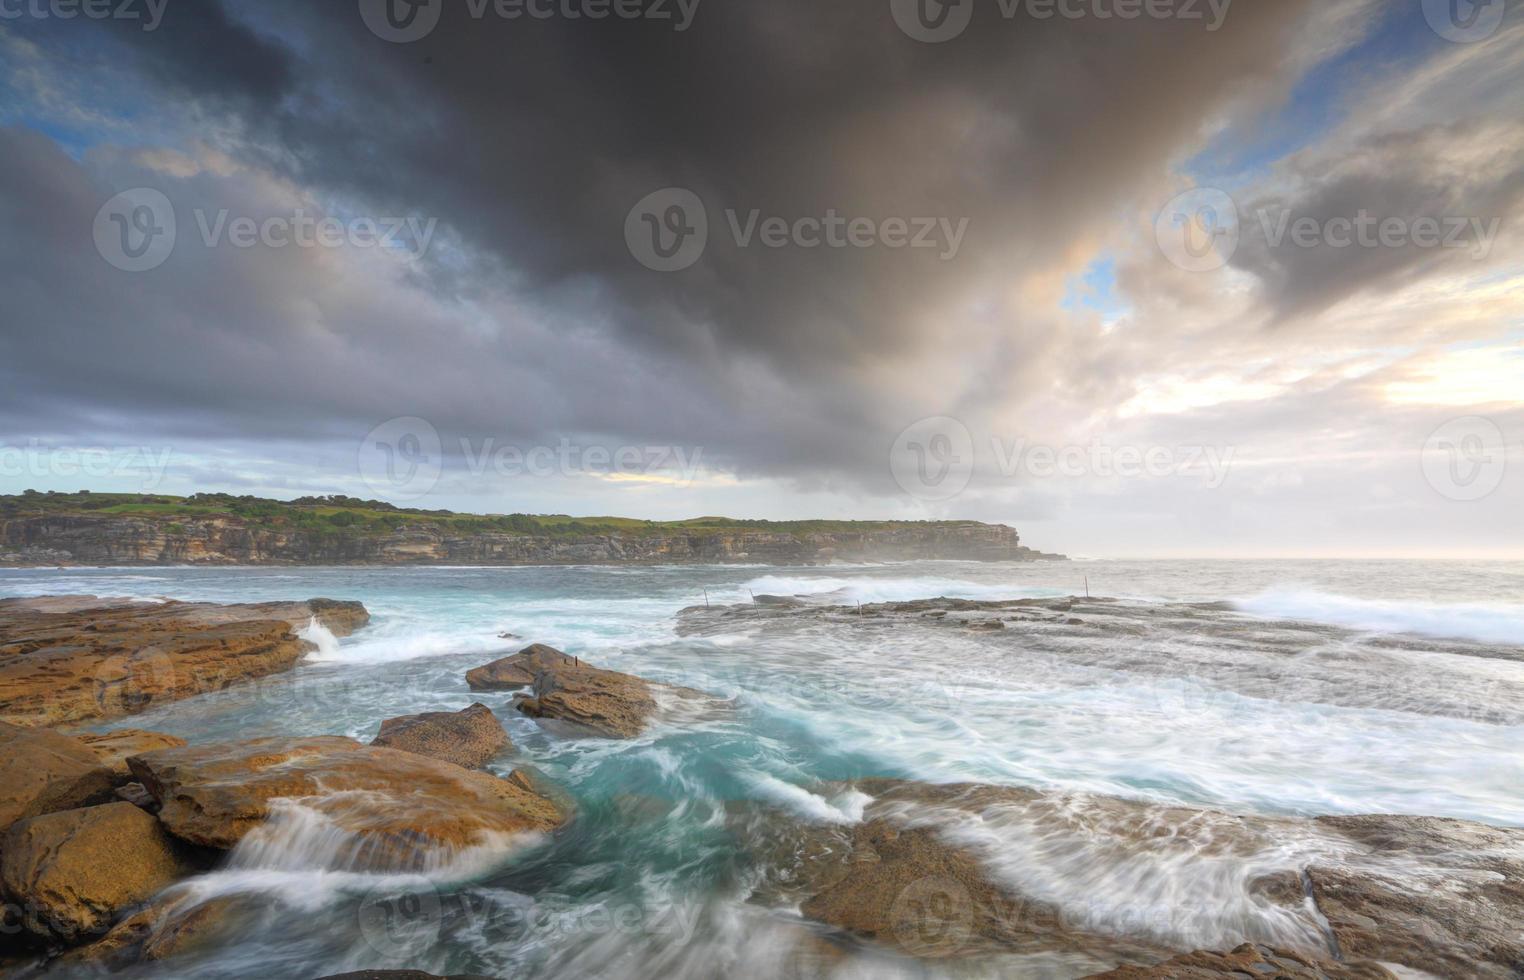 pequena baía sydney austrália foto